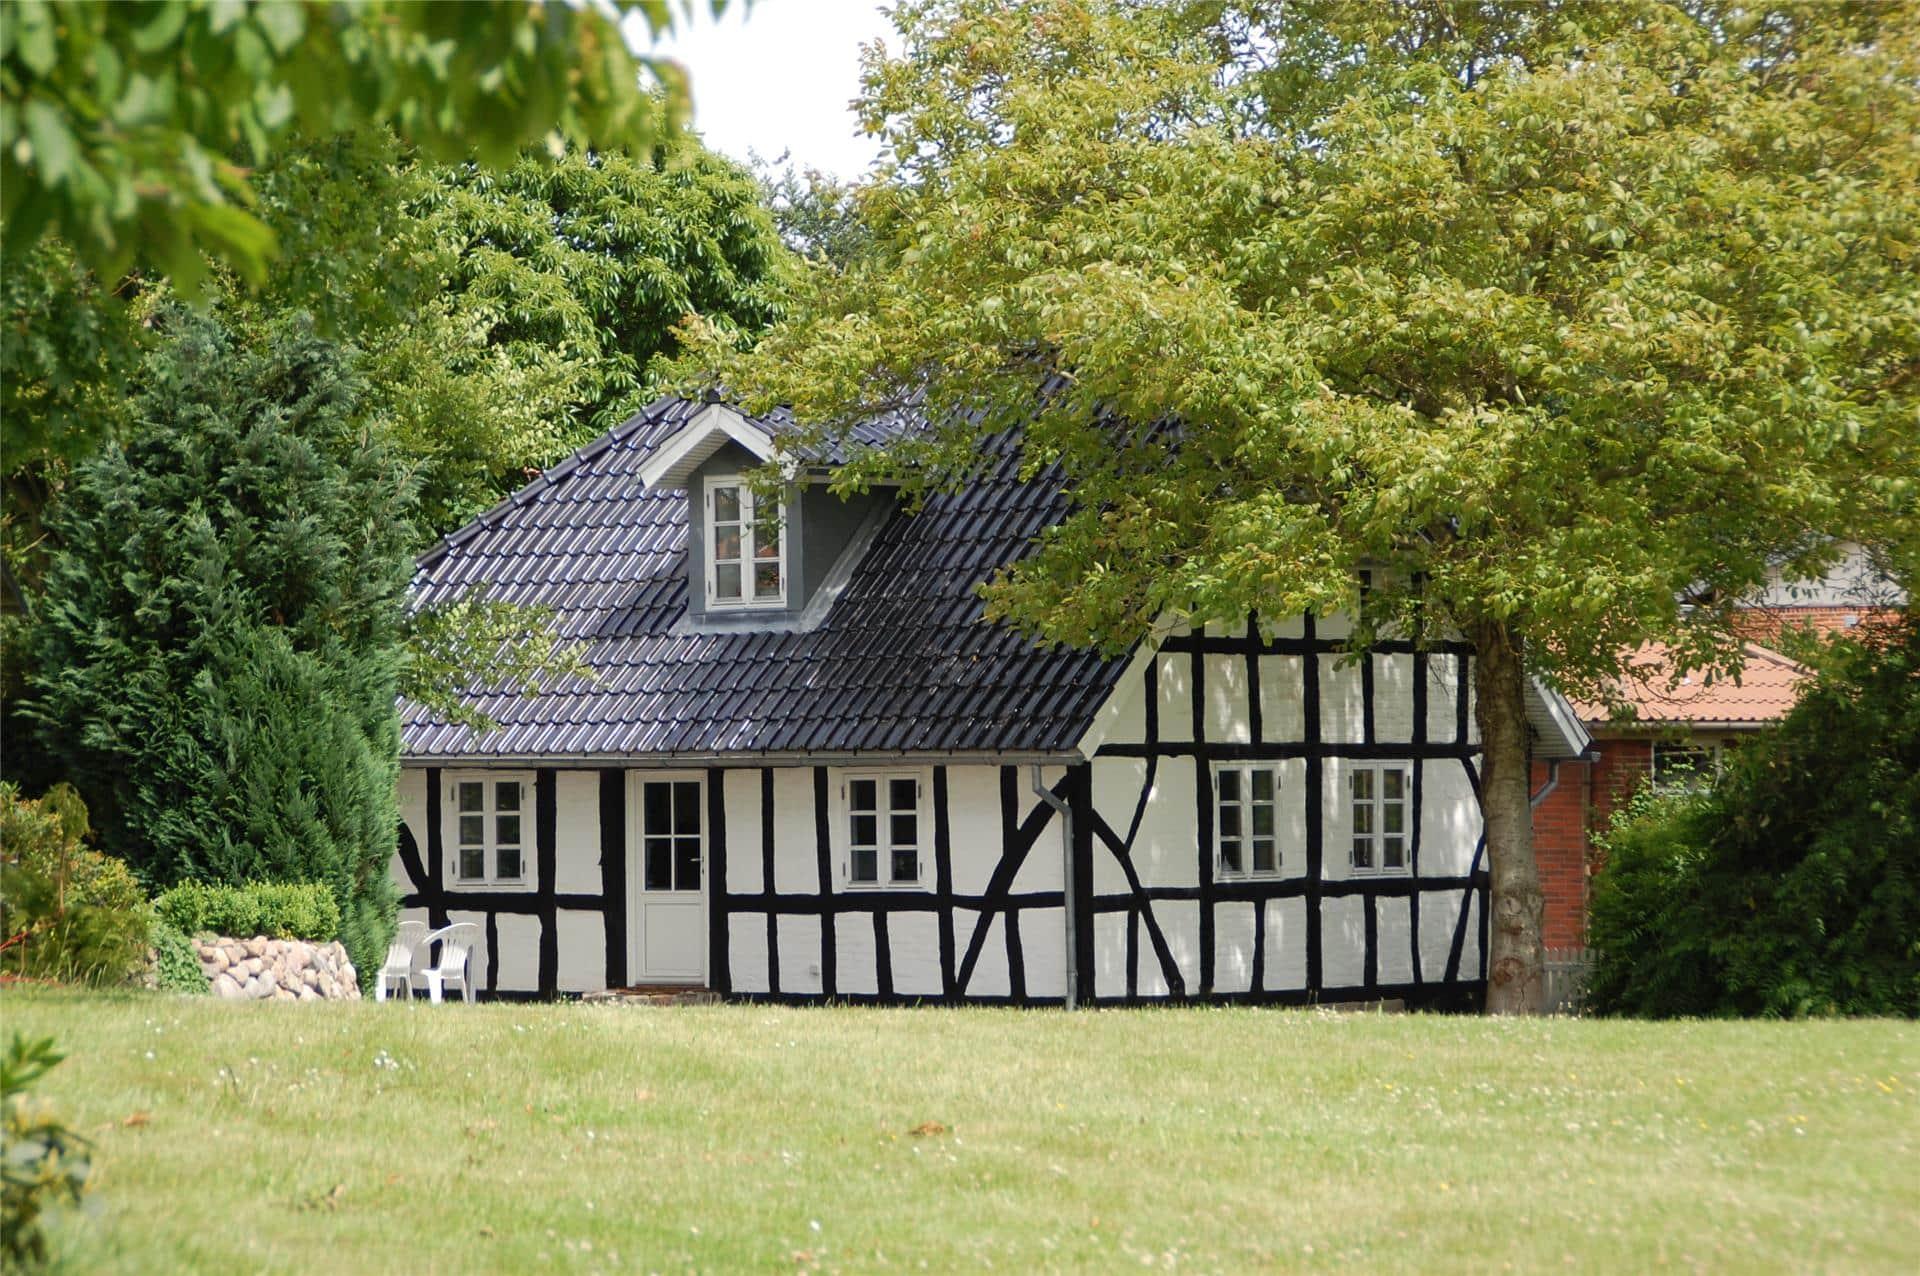 Billede 1-3 Sommerhus F50274, Lillenæs 71, DK - 7000 Fredericia